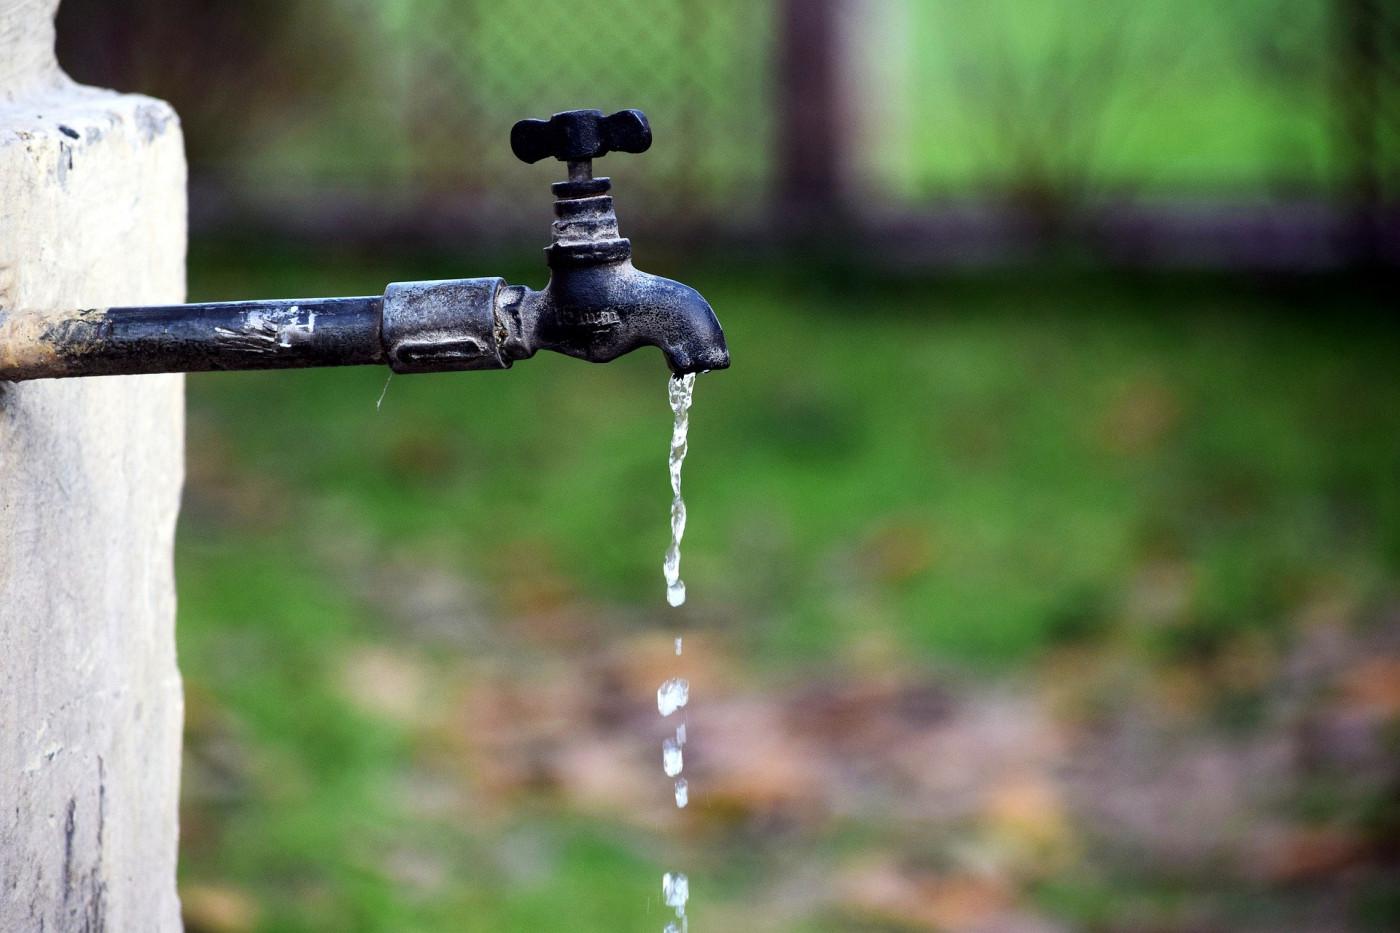 Torneira pingando água